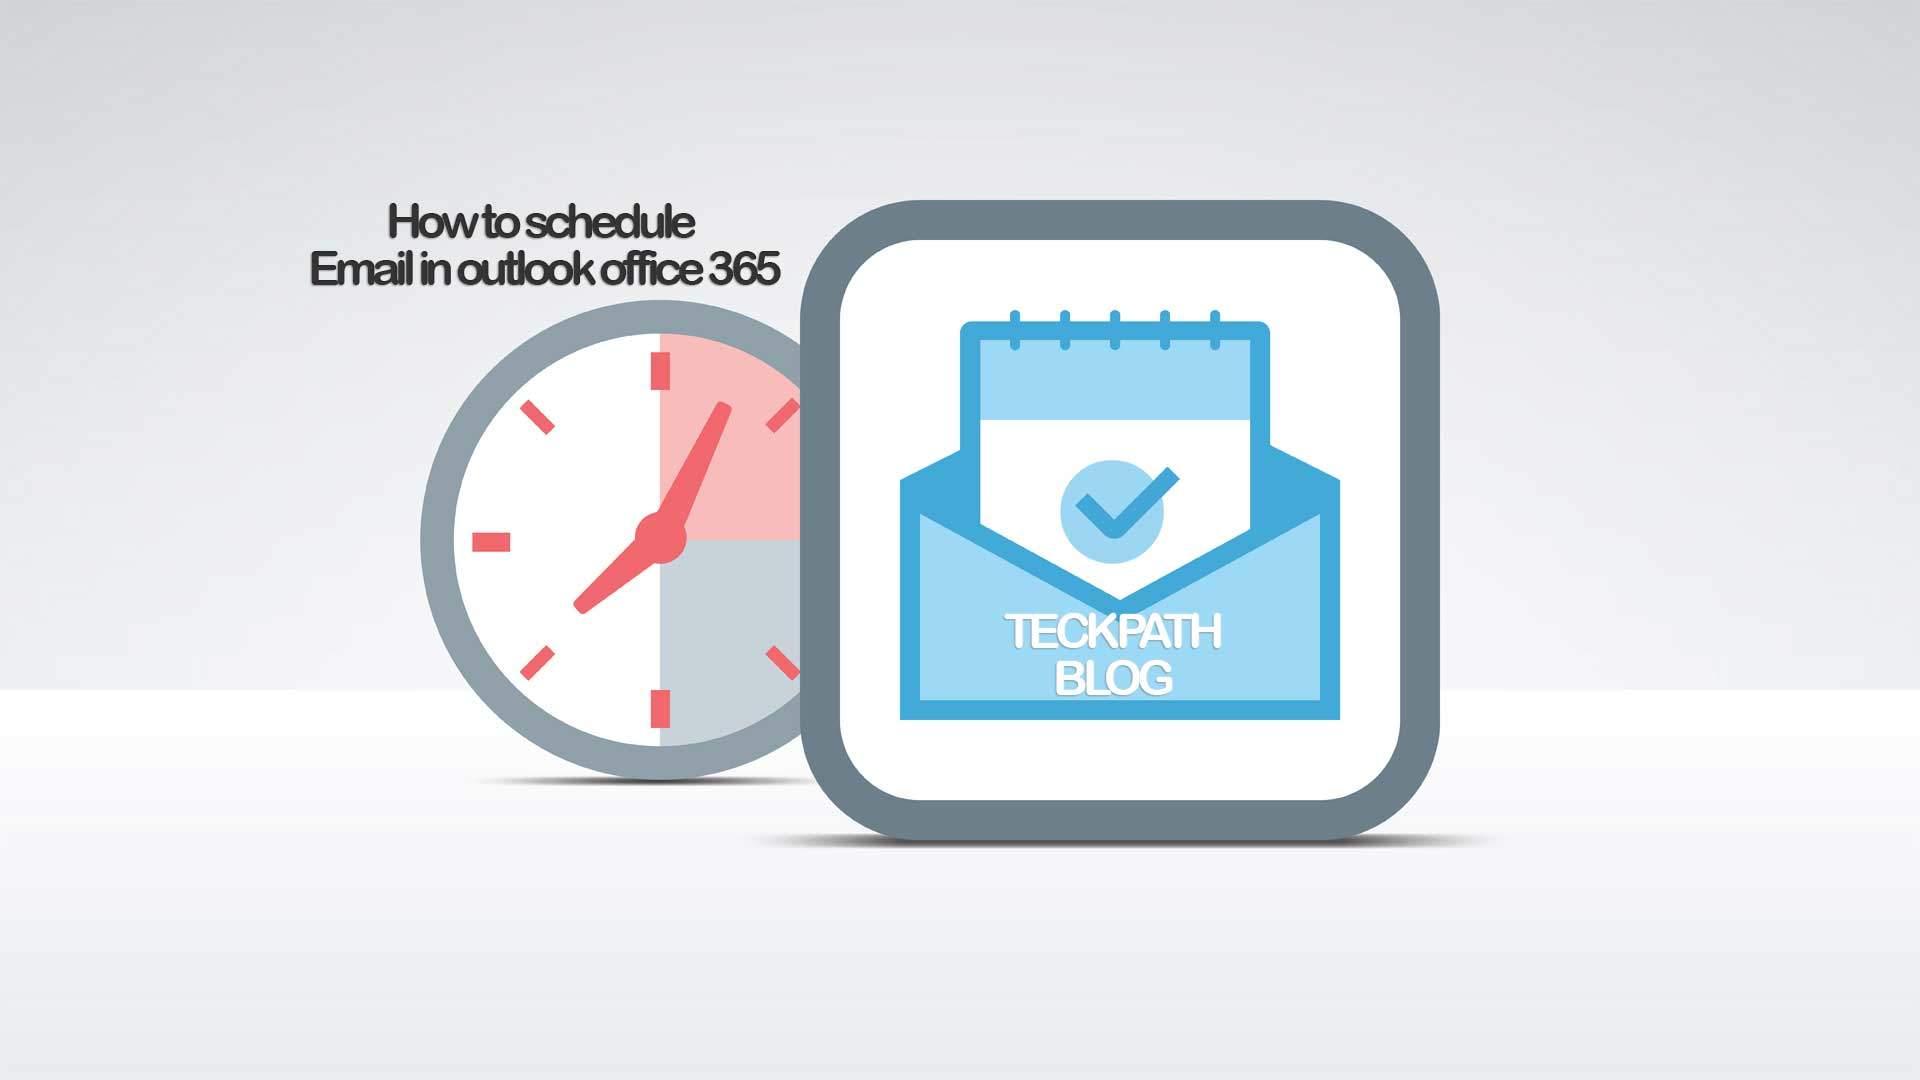 Planifier la livraison par courrier électronique dans Outlook pour Office 365